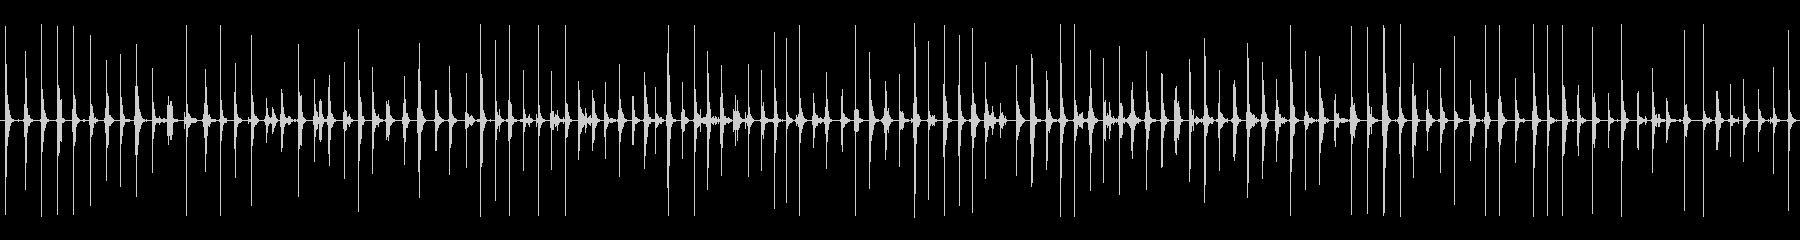 ガレキの上を走る(ガシャガシャ)の未再生の波形